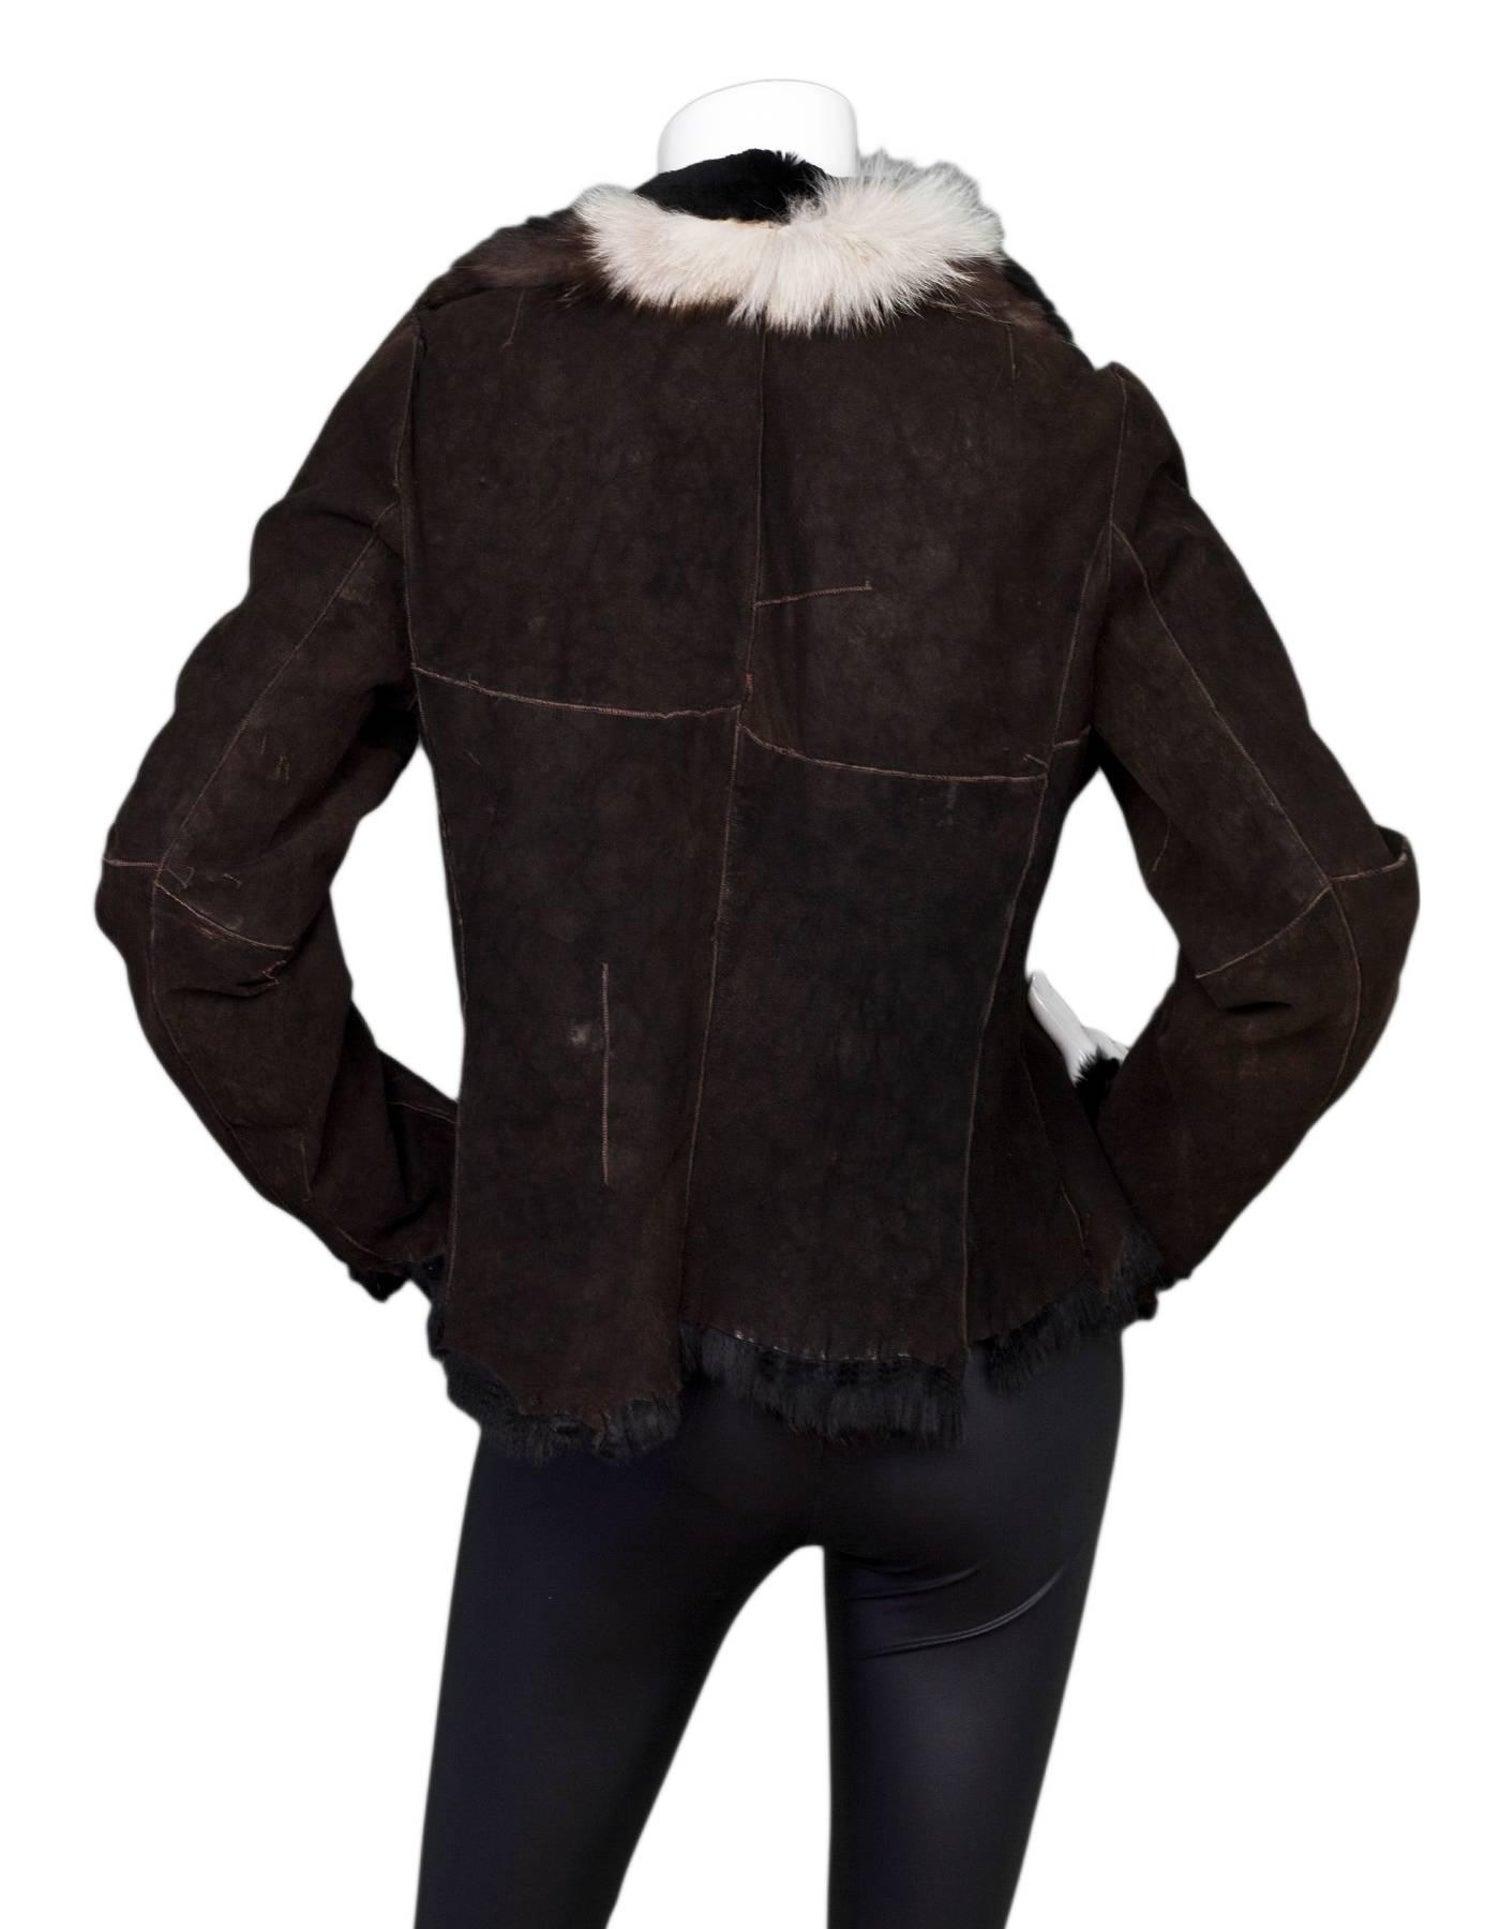 569e67378 Olivia Preckel Brown Suede & Black Fur Jacket Sz S